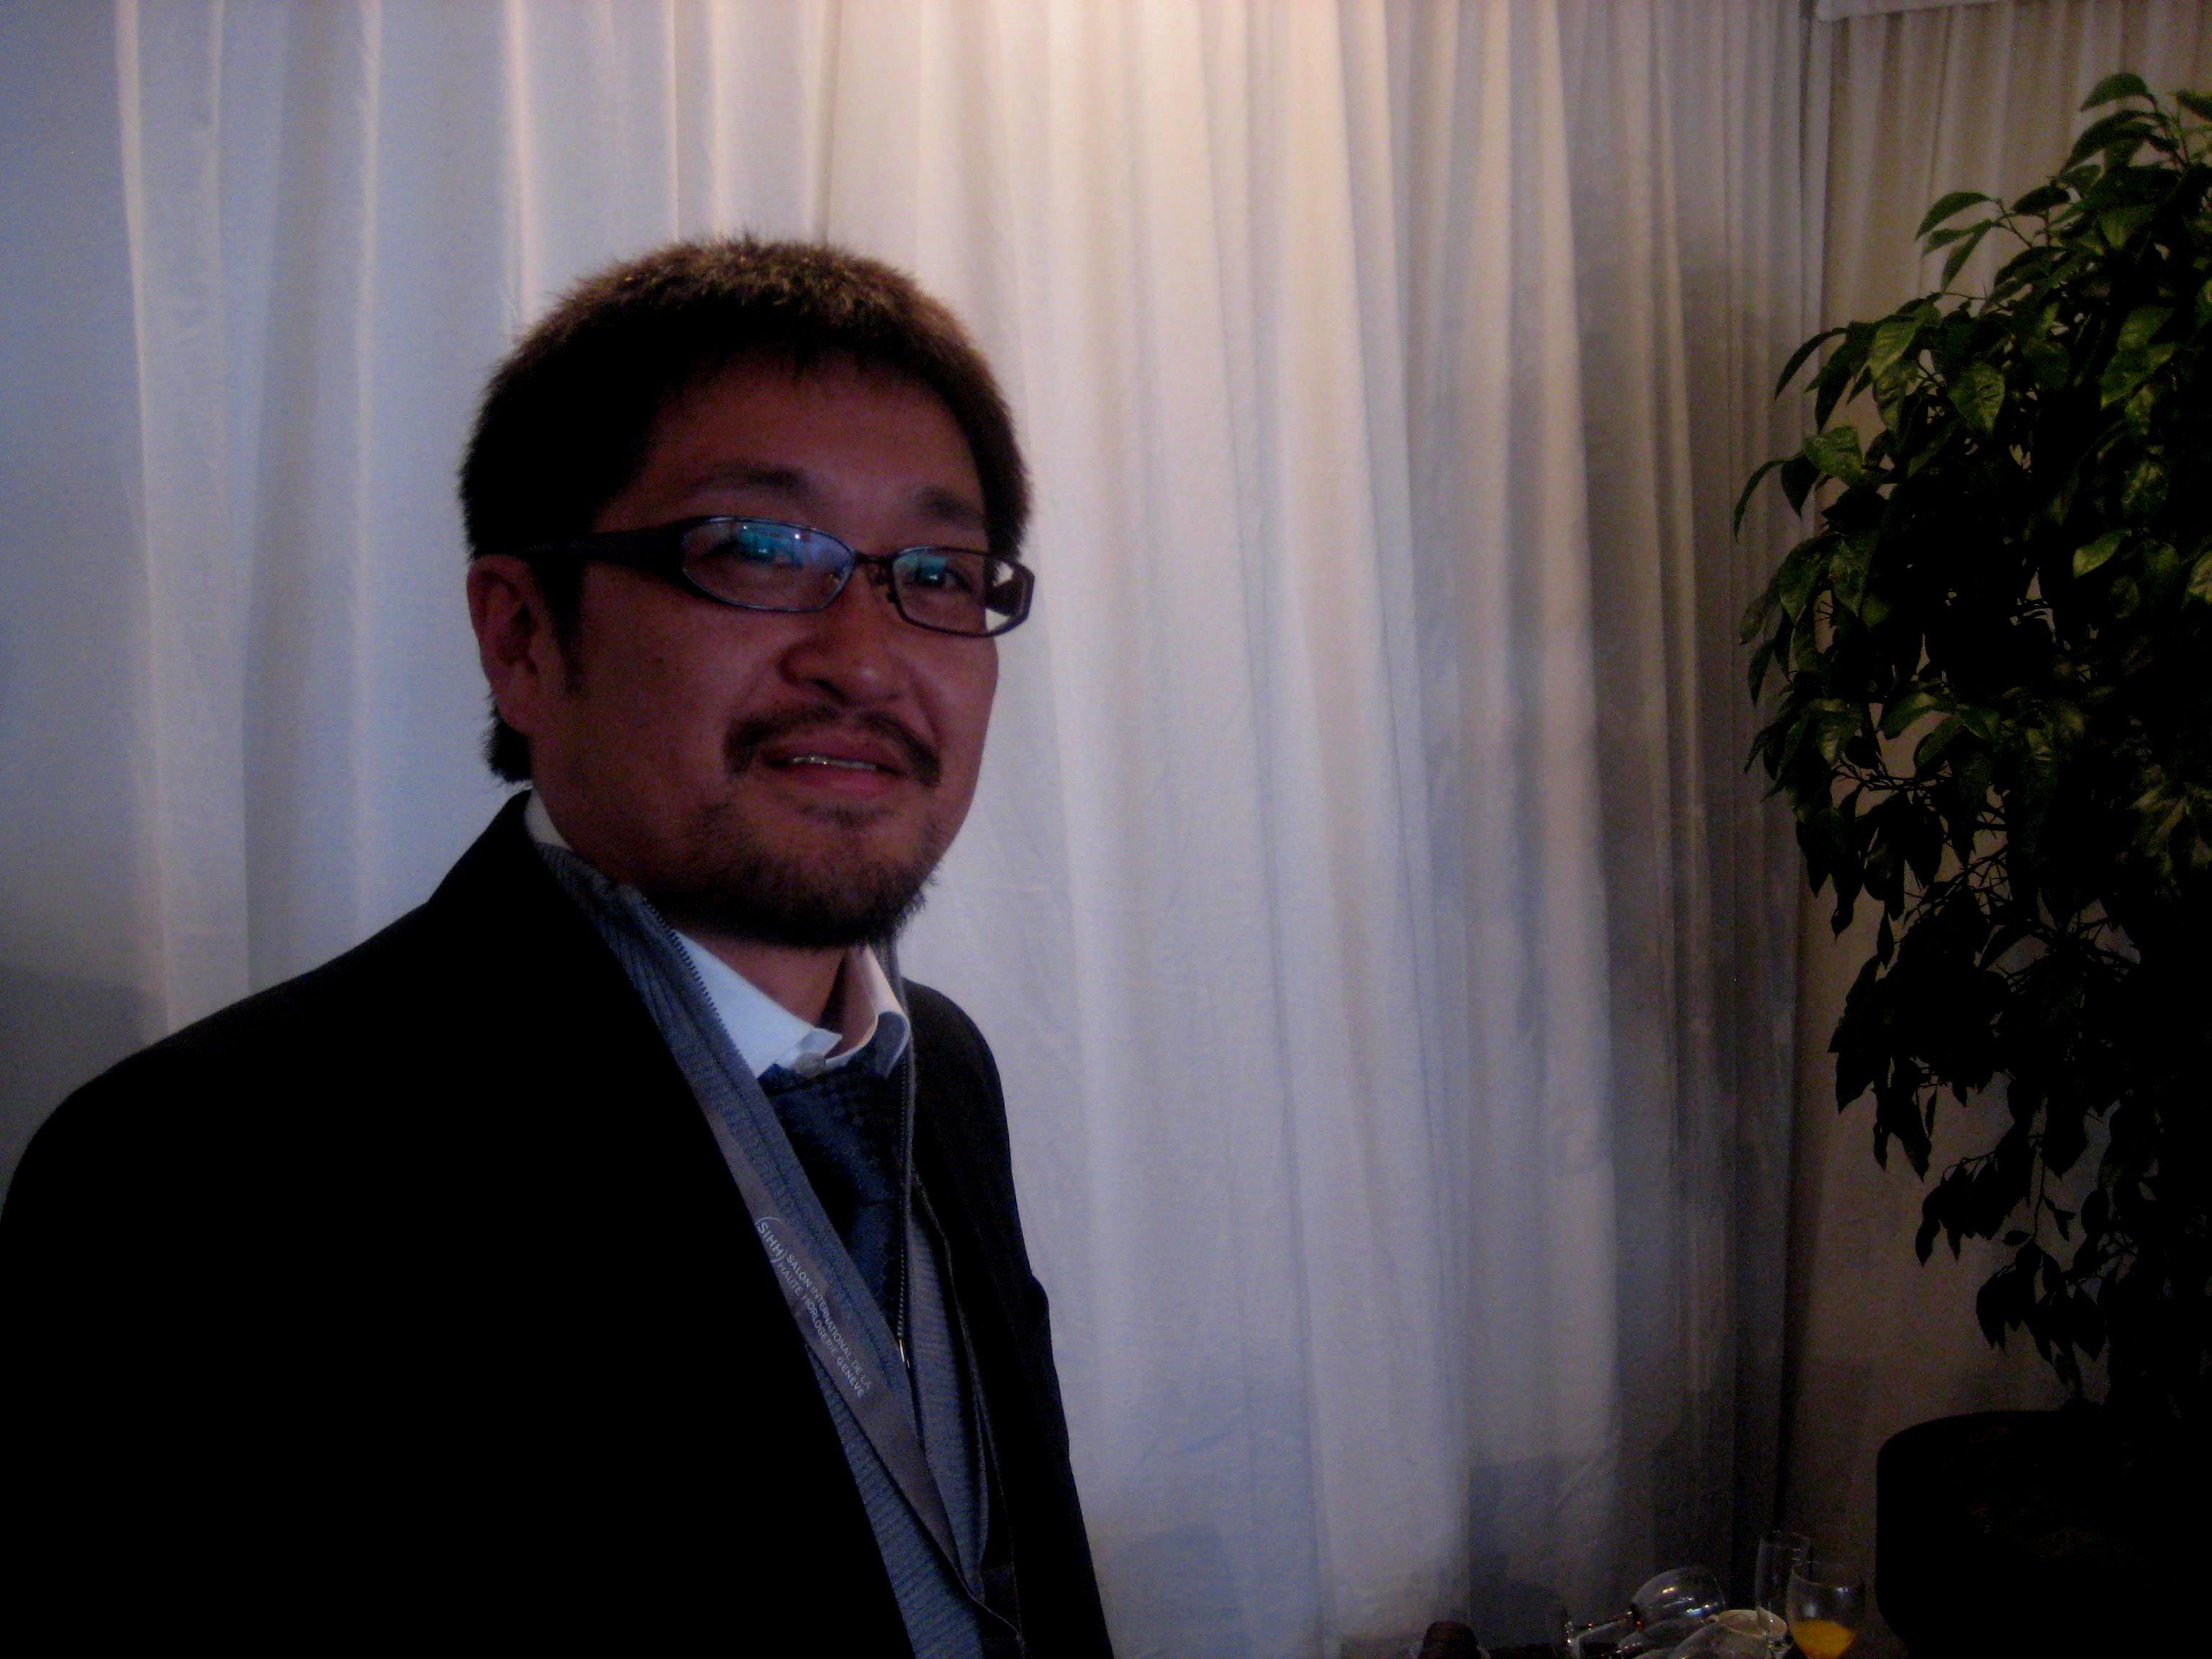 高級時計マーケット現況/oomiya出水孝典氏に訊く_f0039351_23305594.jpg